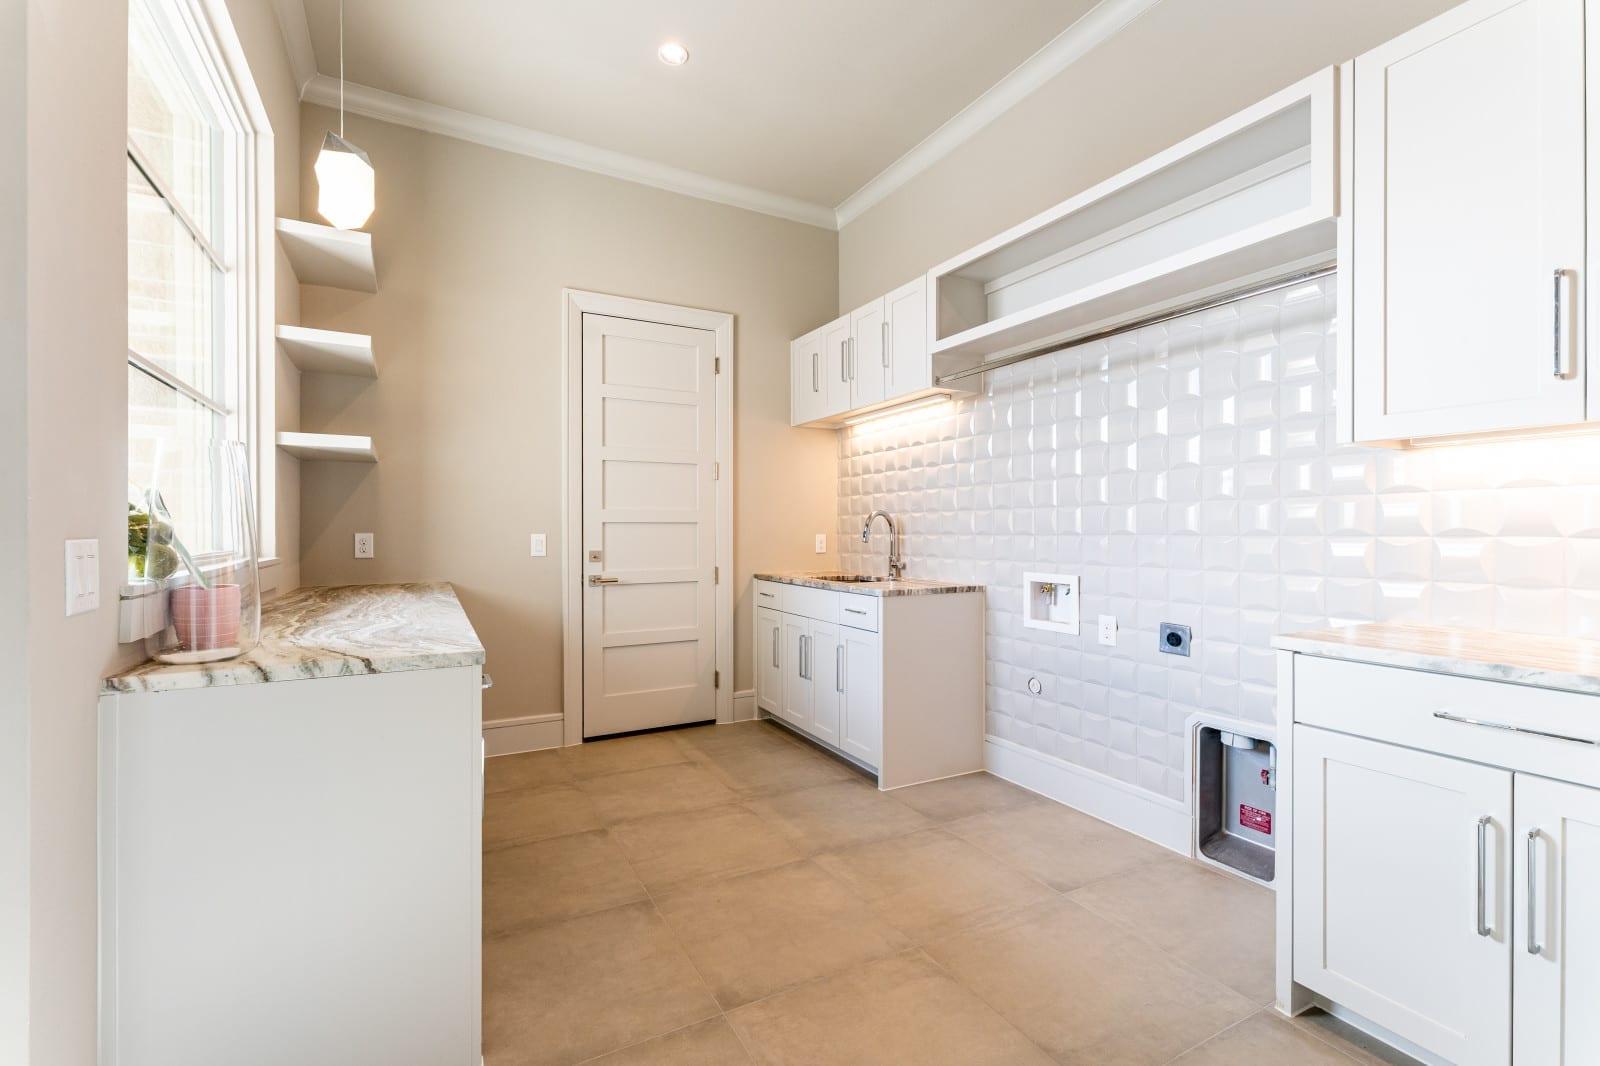 modern home design 16 - Millennial Design + Build